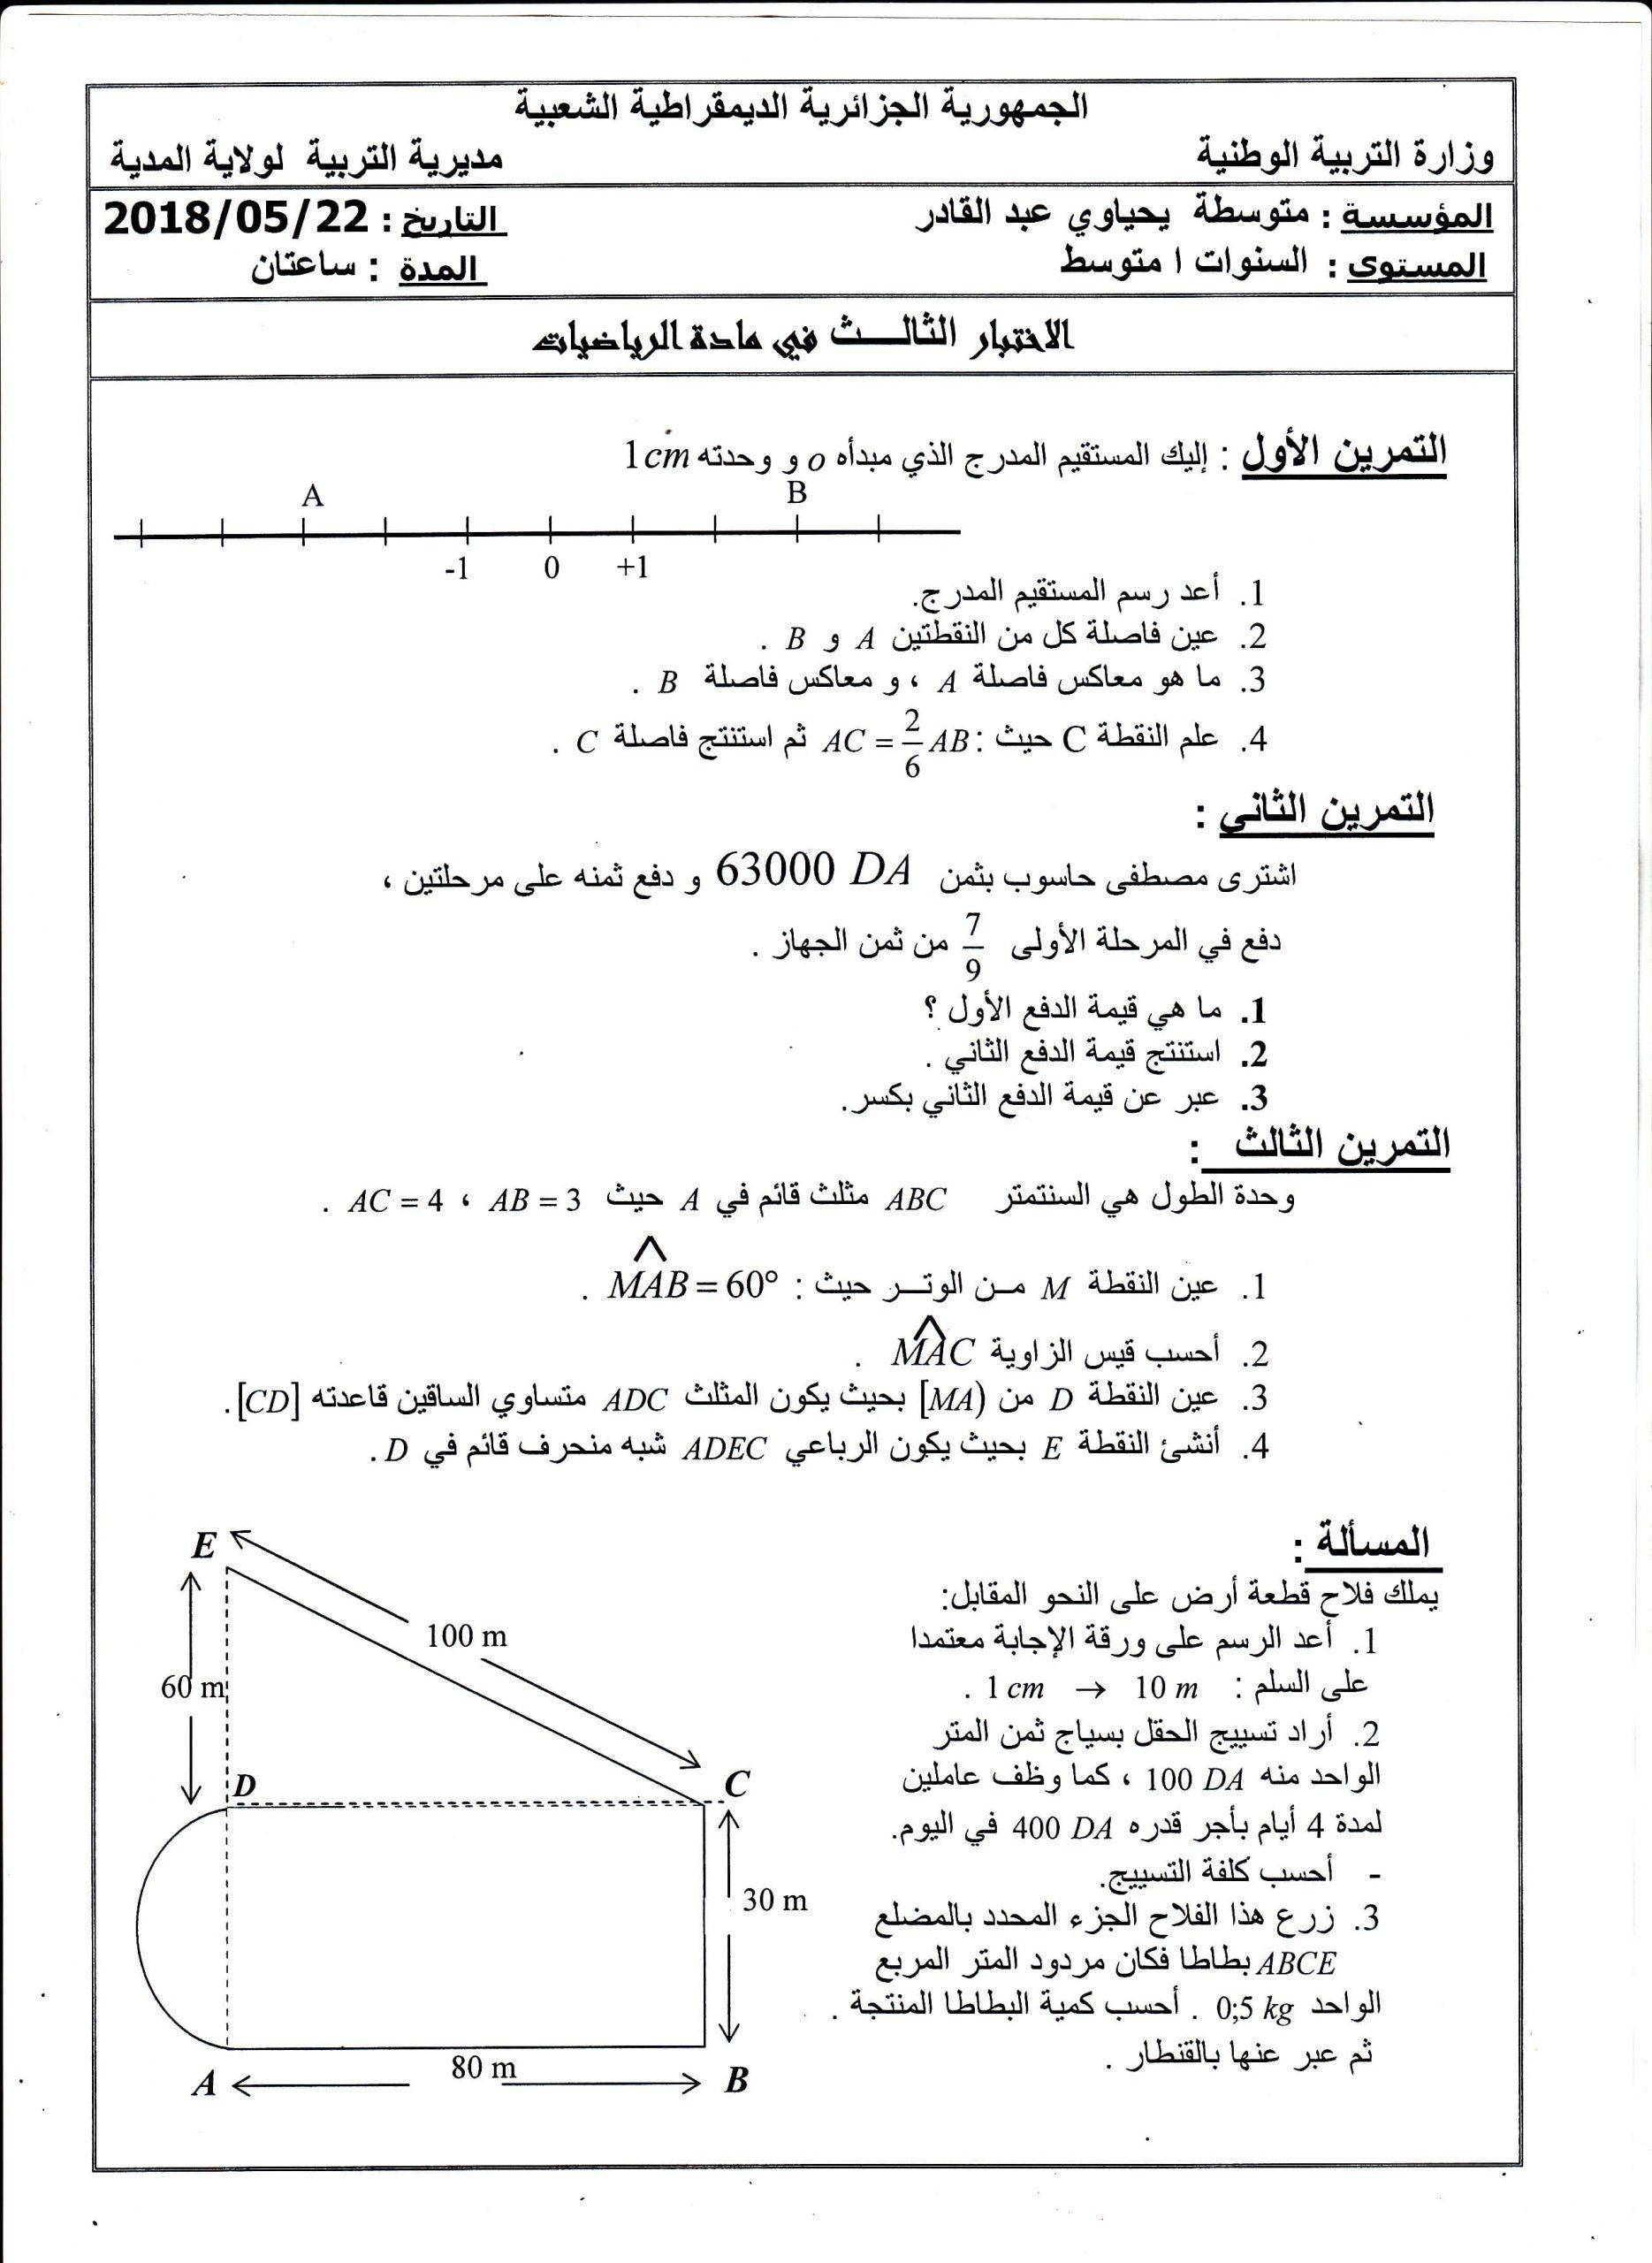 اختبار الفصل الثالث في مادة الرياضيات للسنة الثانية متوسط - الموضوع 02